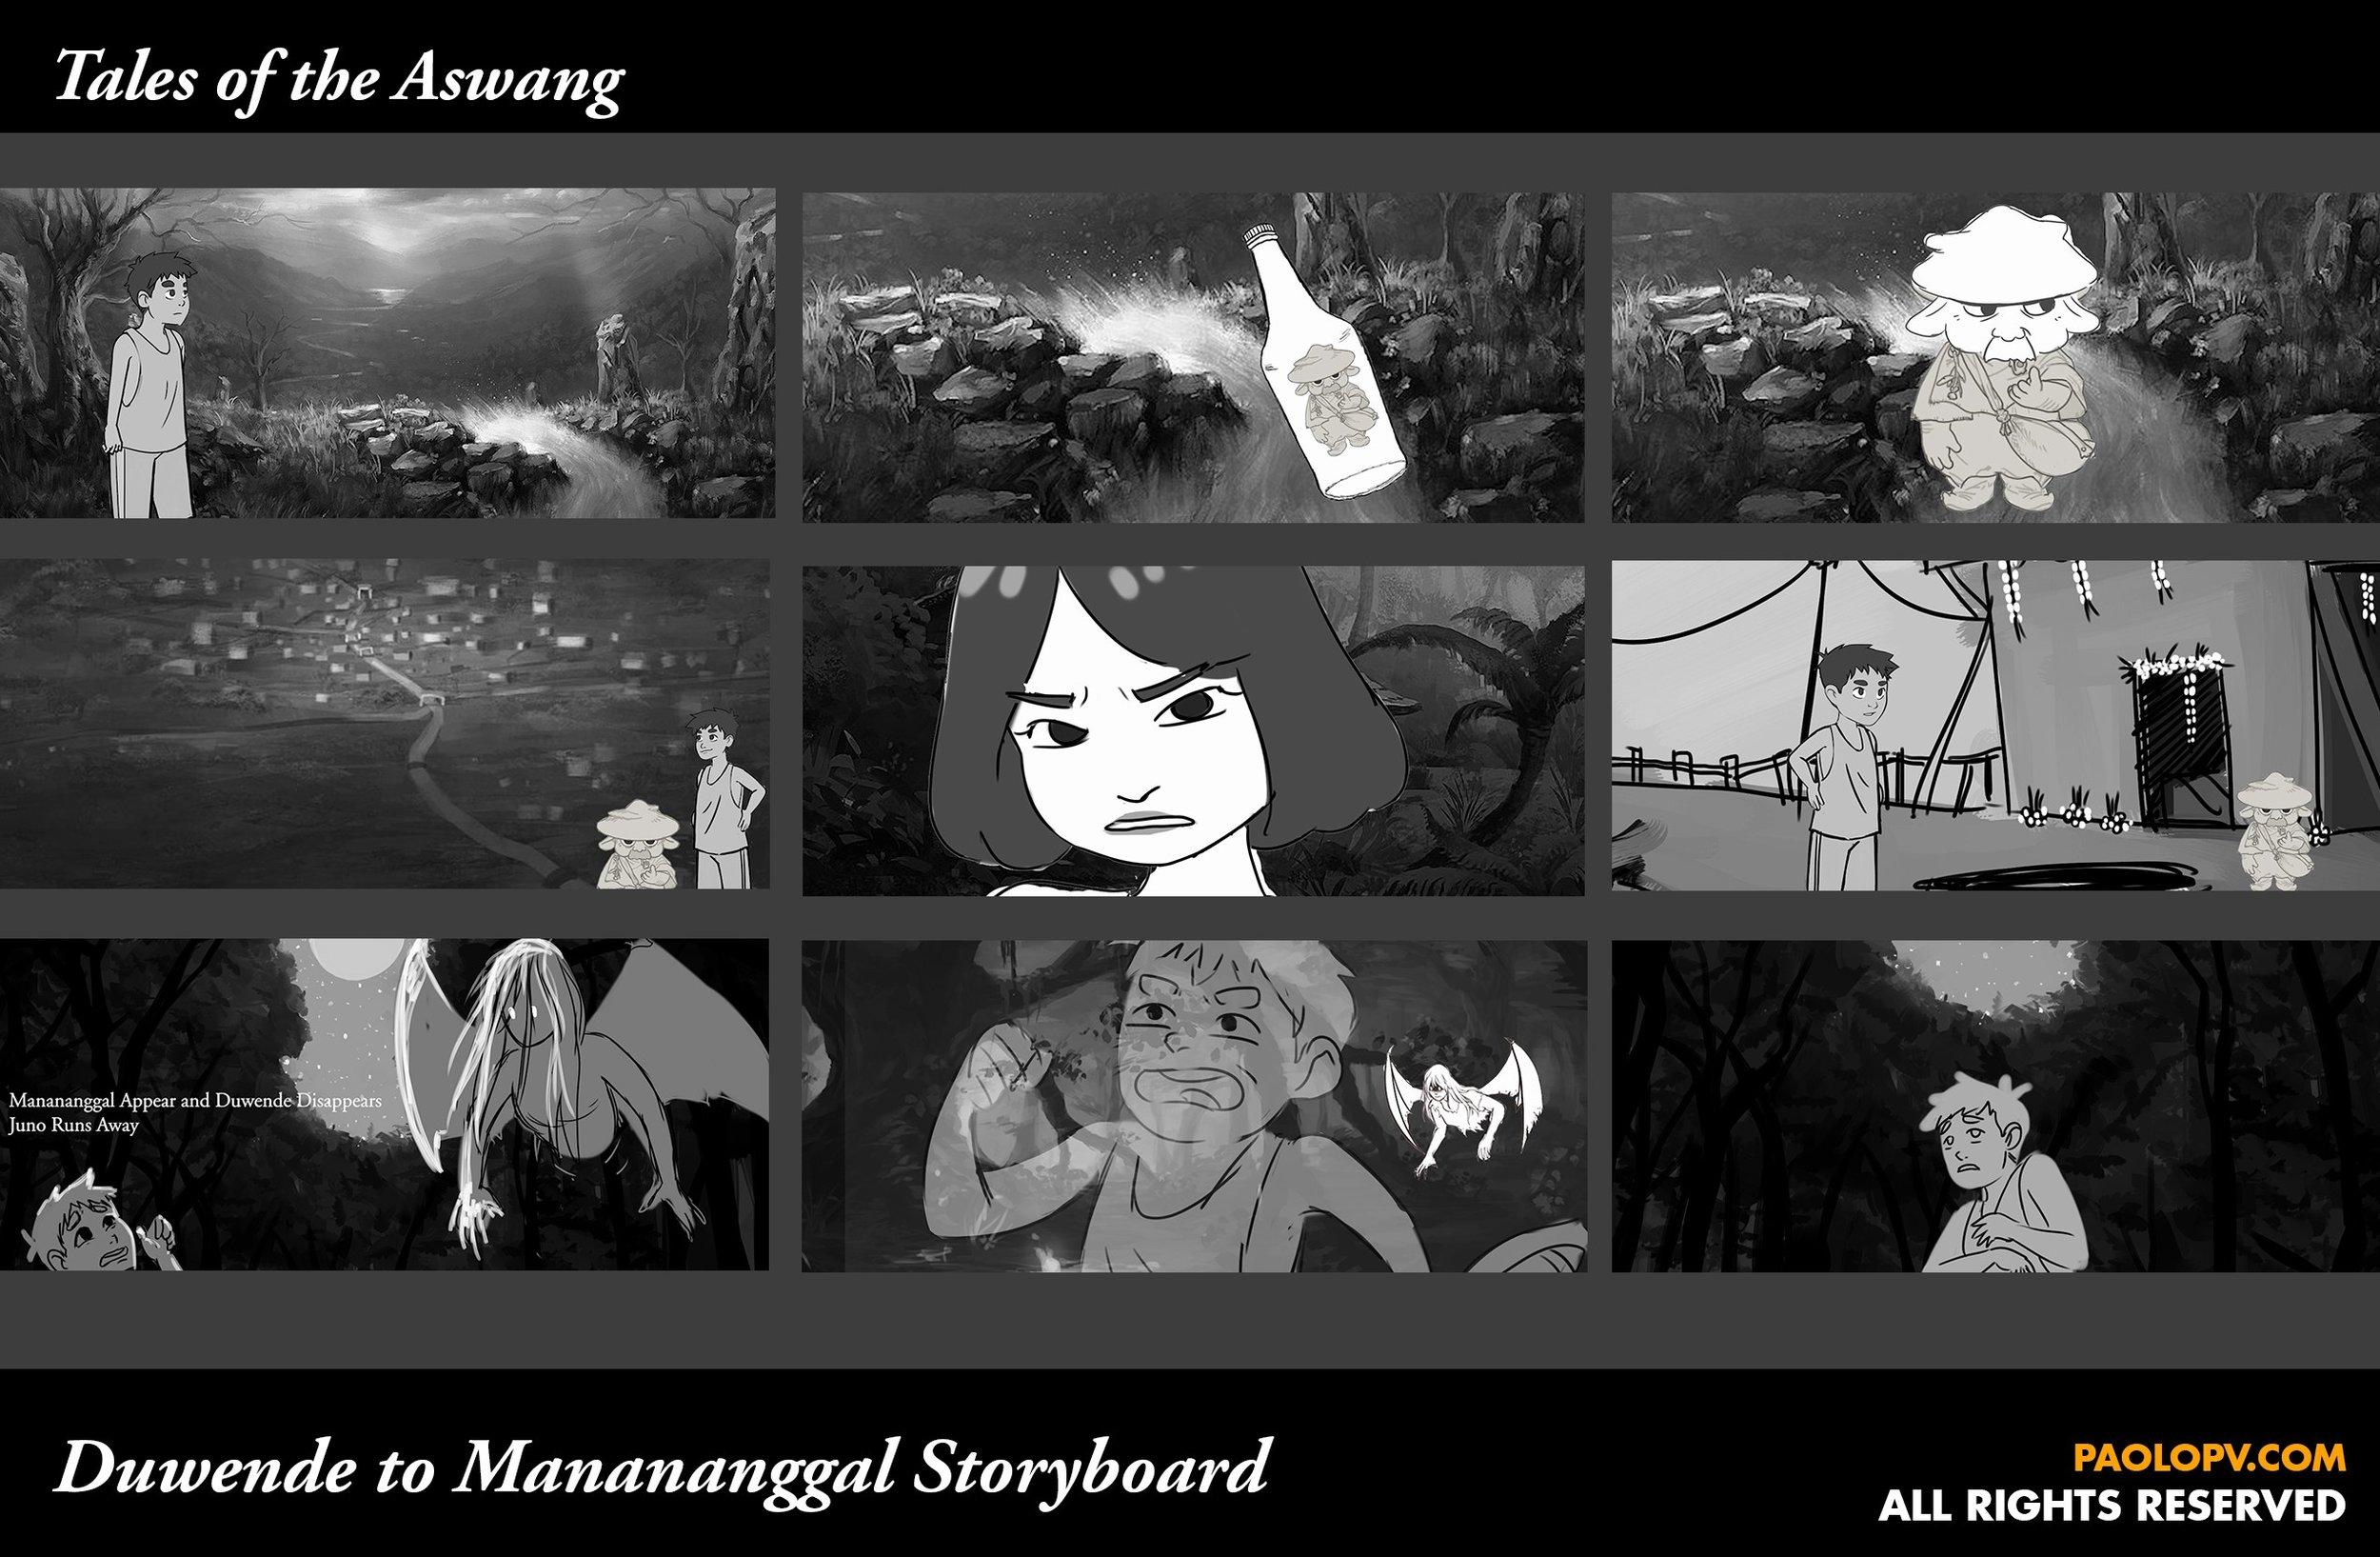 Tales-of-the-Aswang-Storyboard-Duwende-to-Mananaggal-Storyboard.jpg